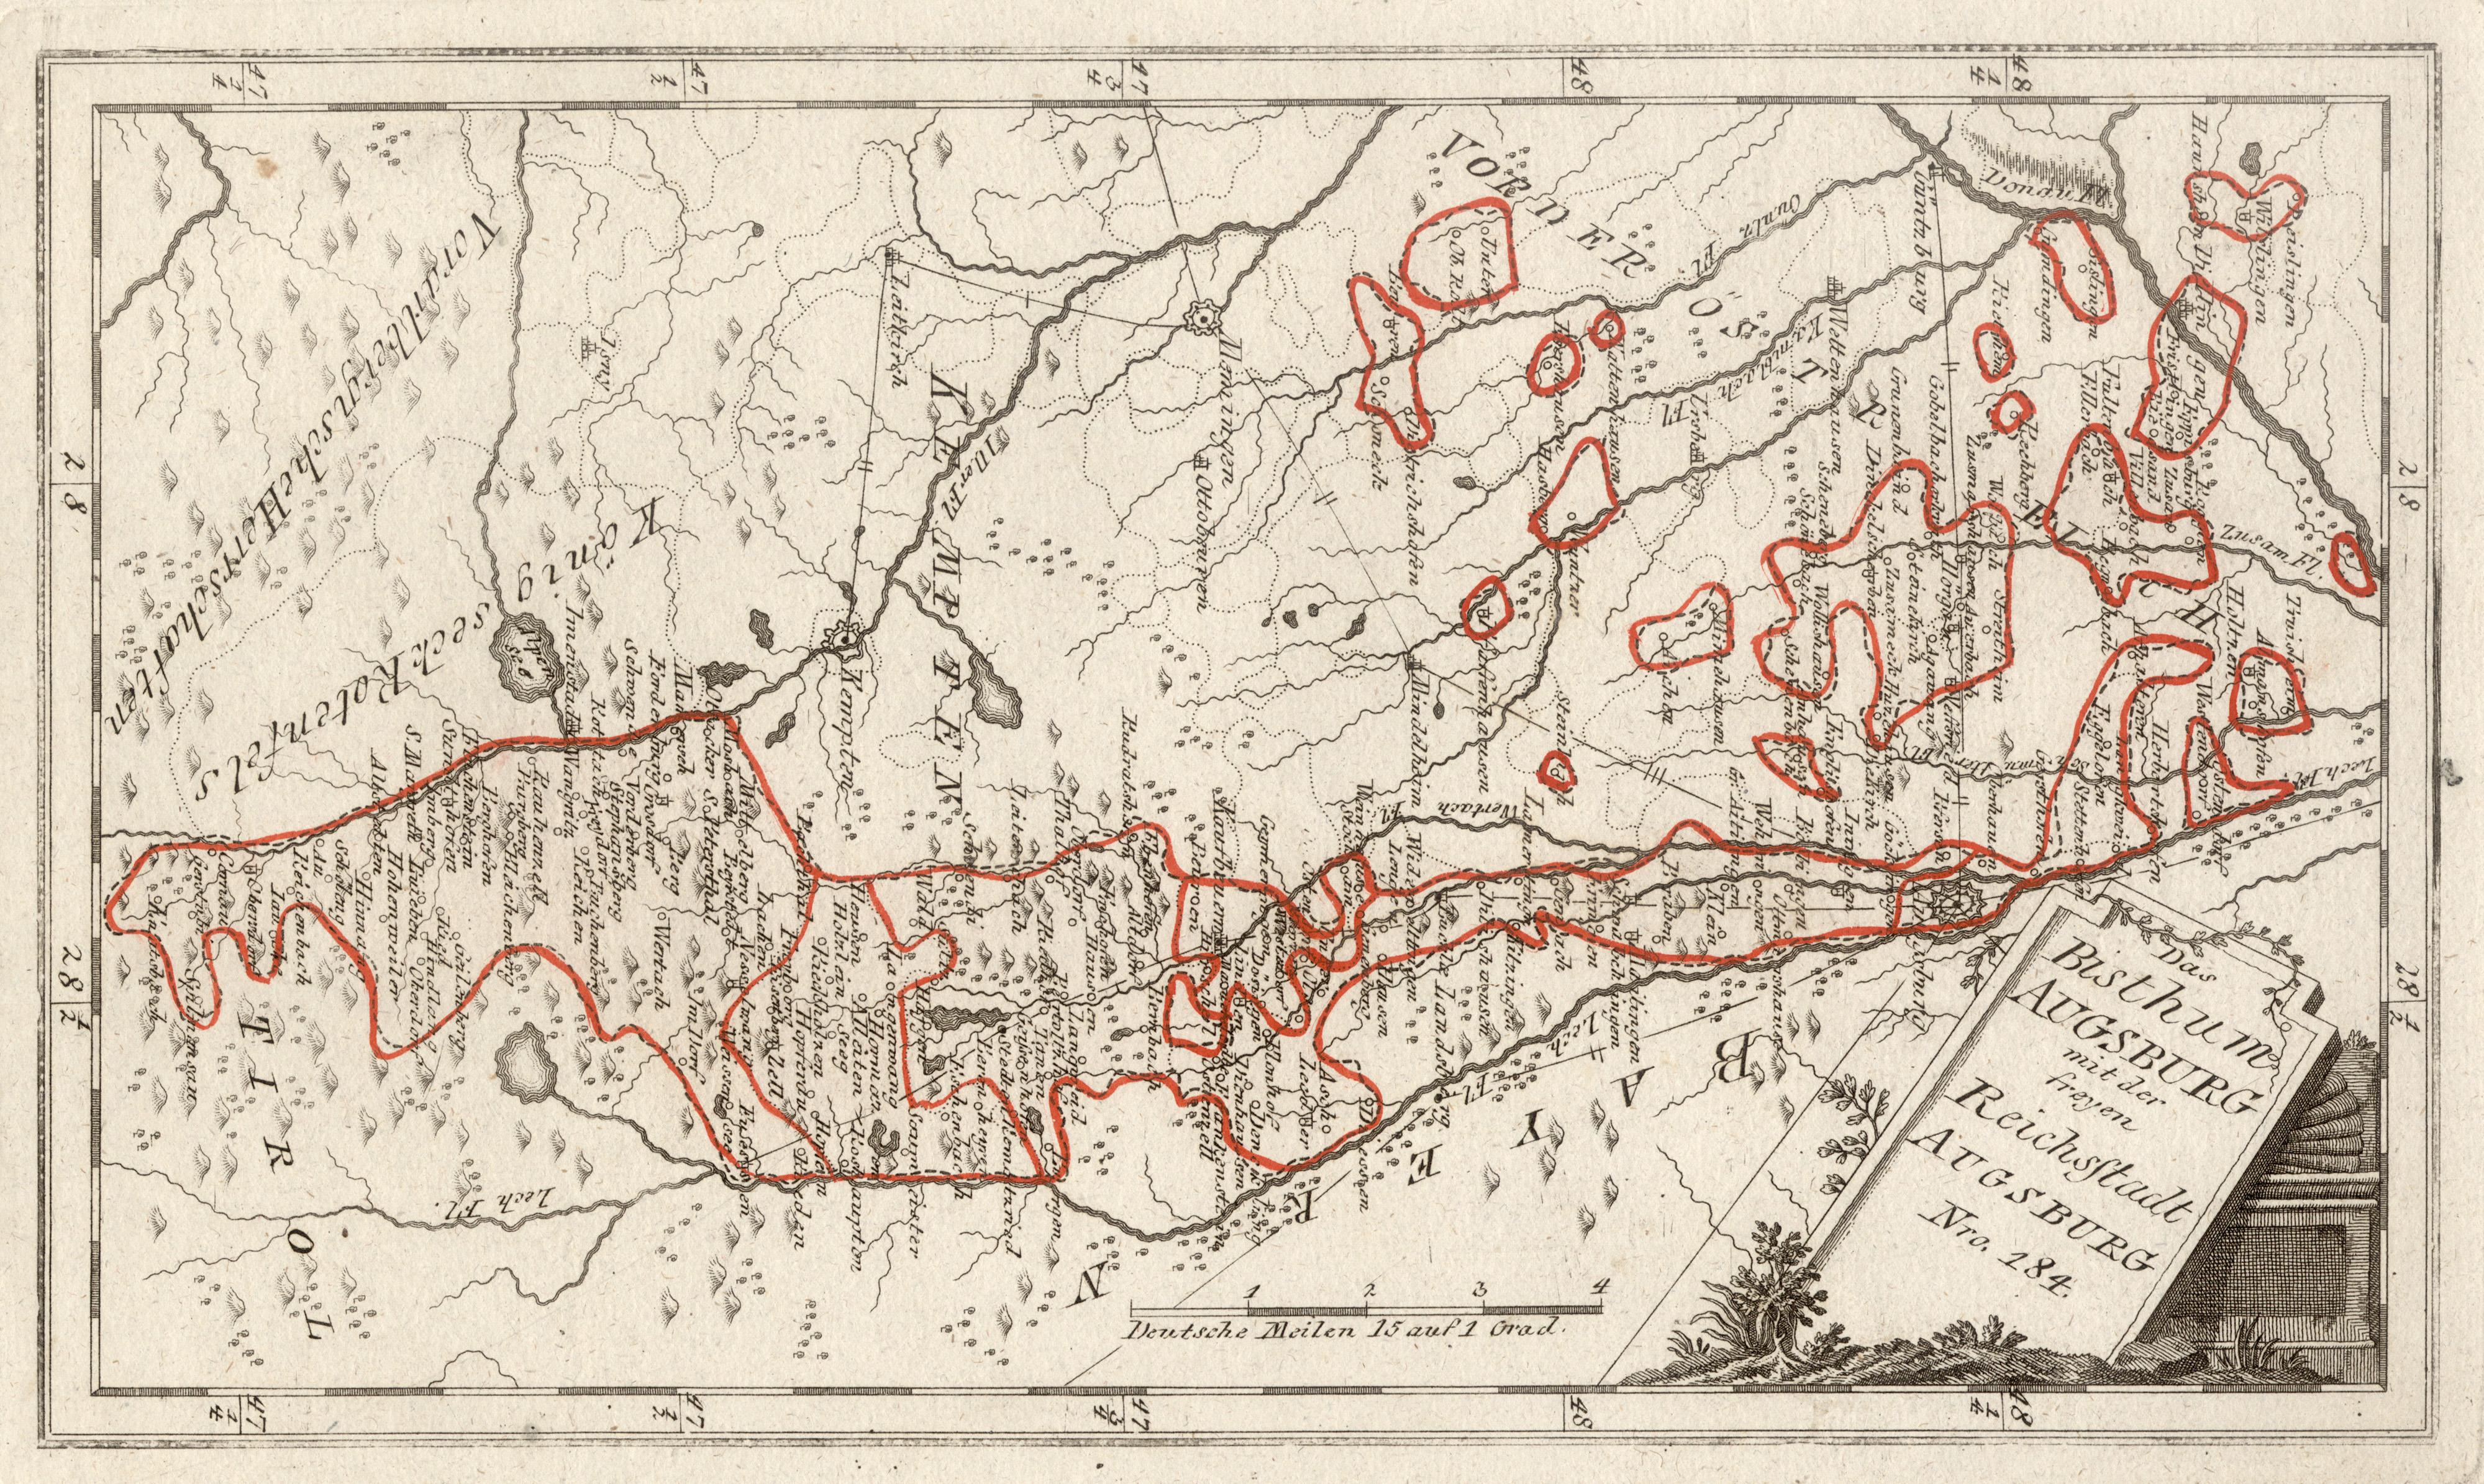 Karte Augsburg.Kupferstich Karte B Reilly